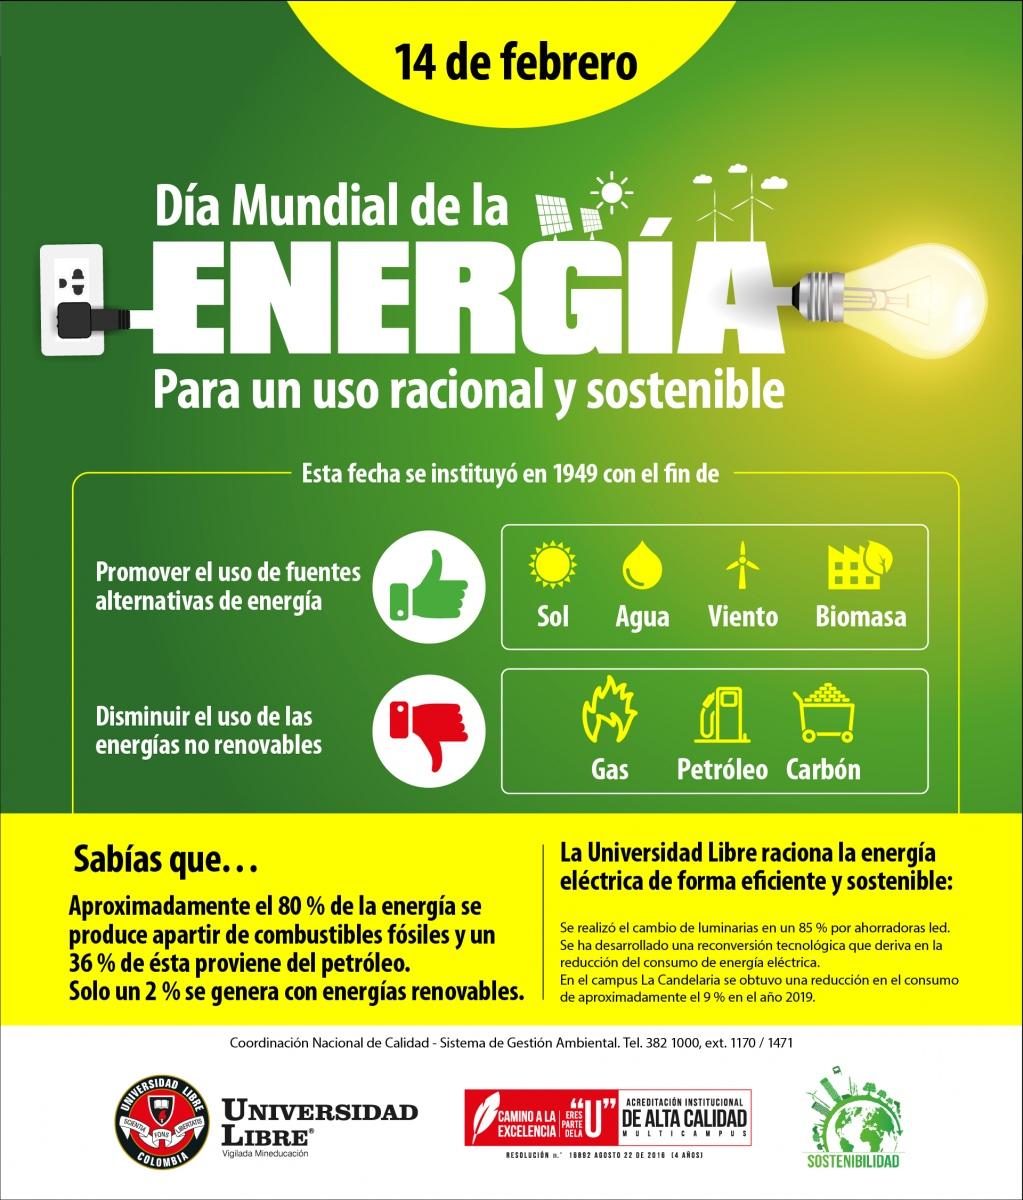 19.uso-eficiente-y-racional-de-energía-eléctrica